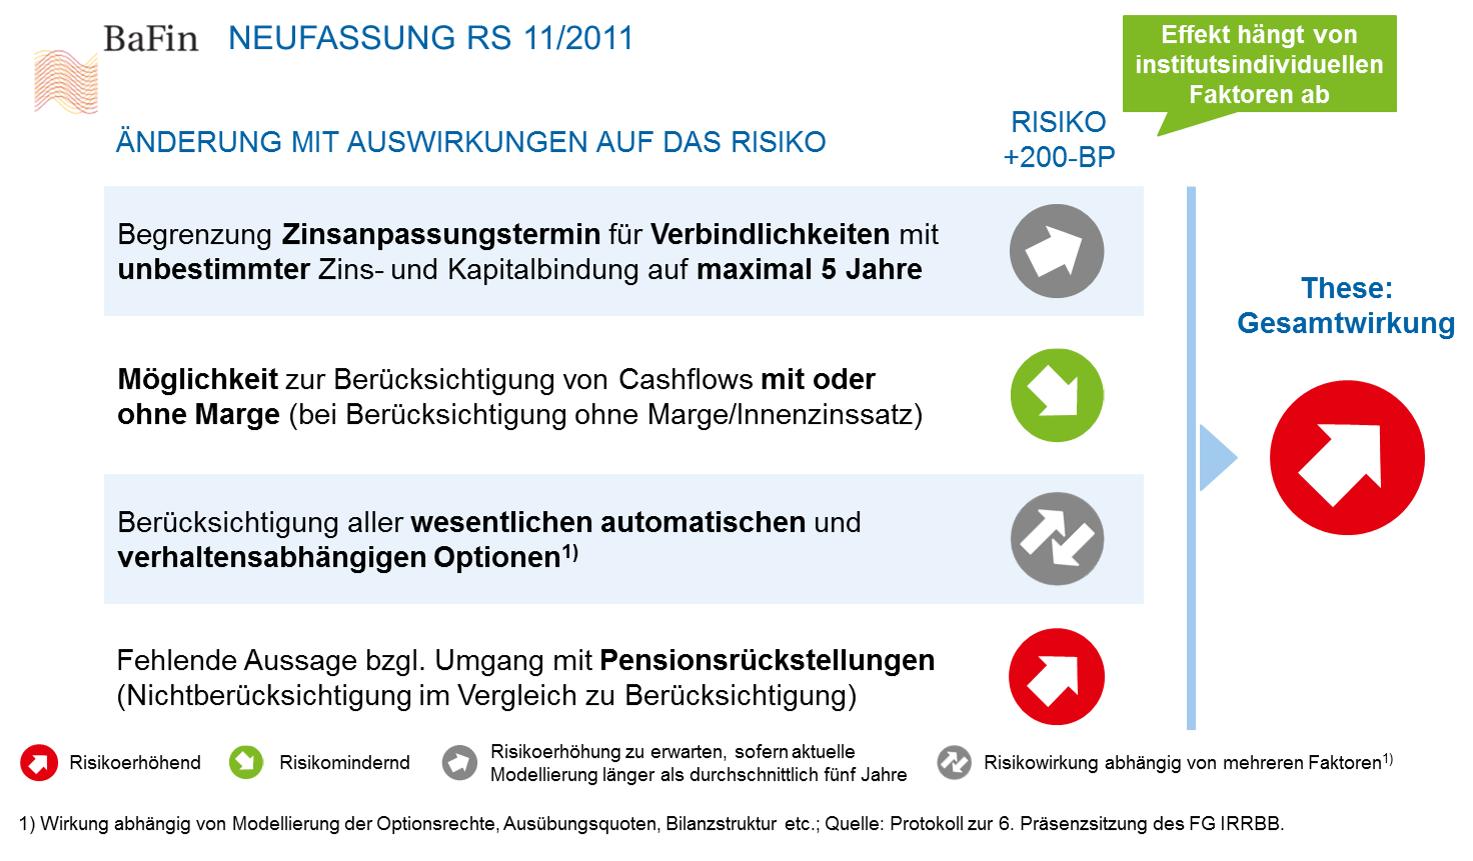 Neufassung des BaFin-Rundschreibens zum Standardzinsschock Implikation für Risikowirkung der Neufassung des Rundschreibens